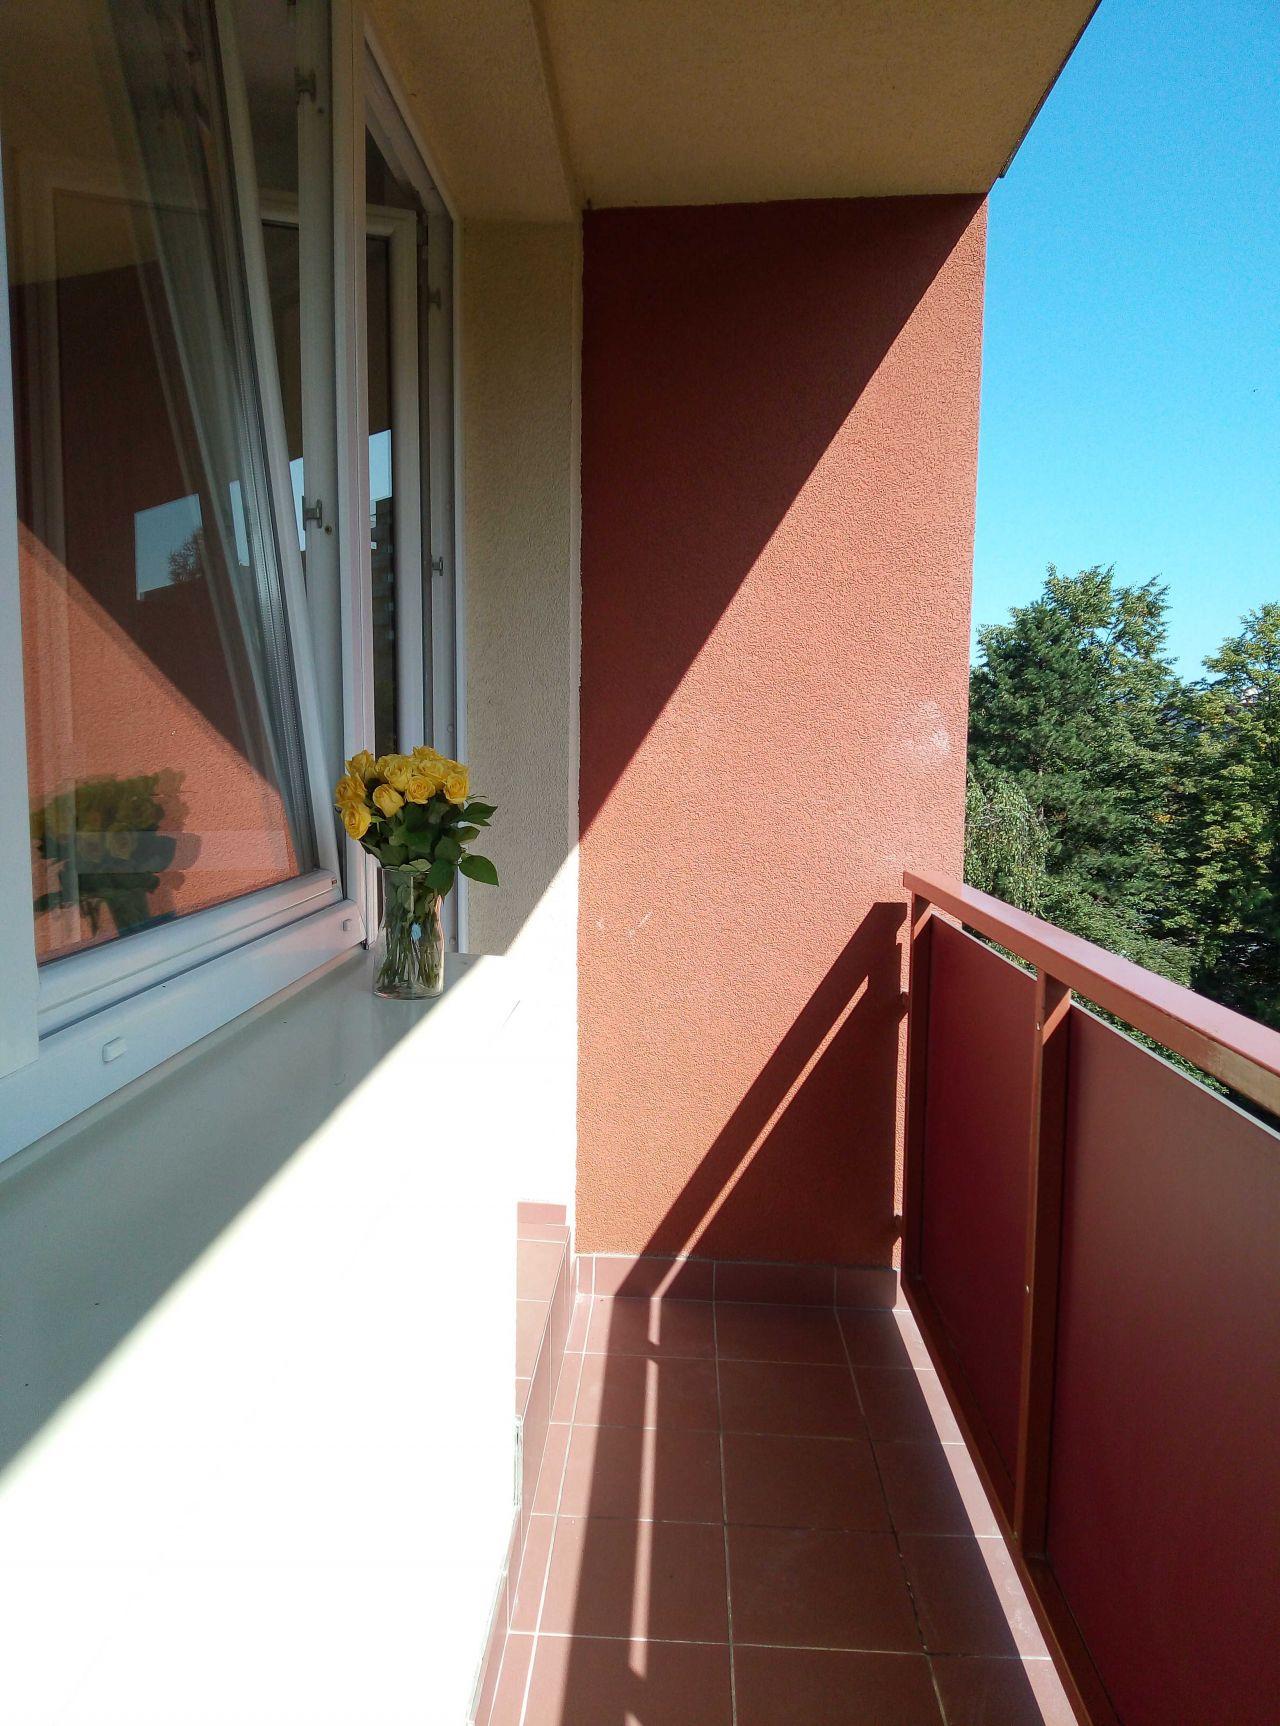 Pronájem bytu 1+1 36 m2, ul. Jiřího Trnky 1150/3, Ostrava - Mariánské Hory